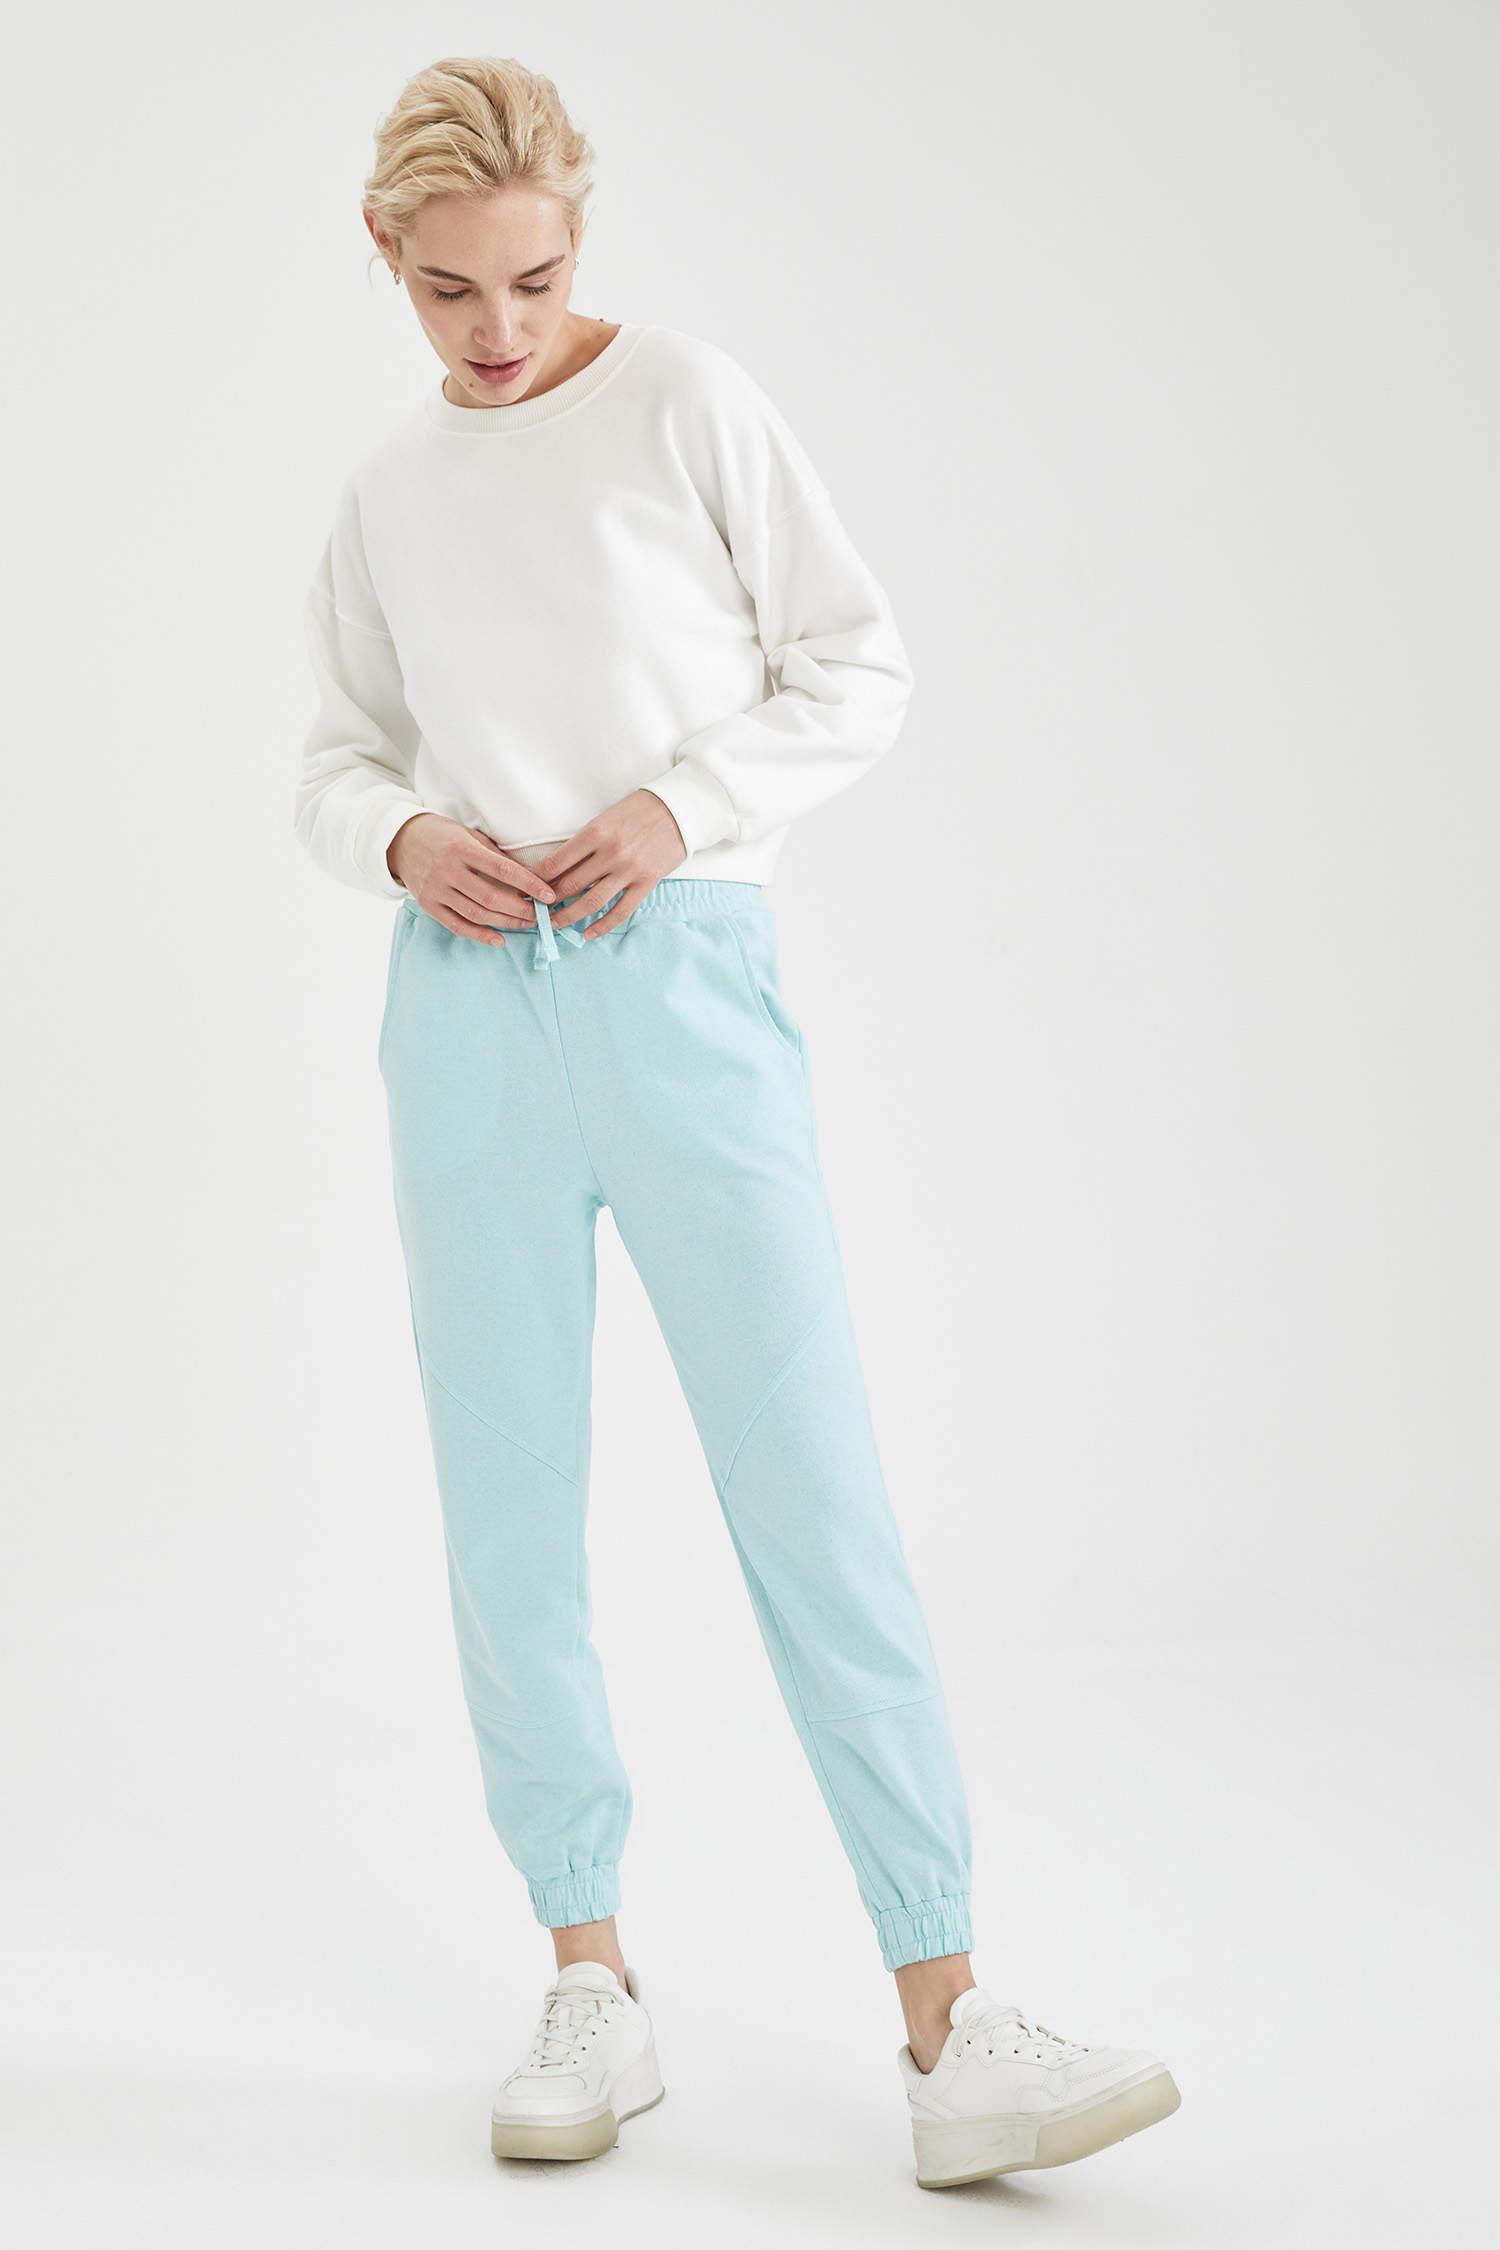 Спортивные штаны DeFacto, Color: Голубой, Size: S, 4 image